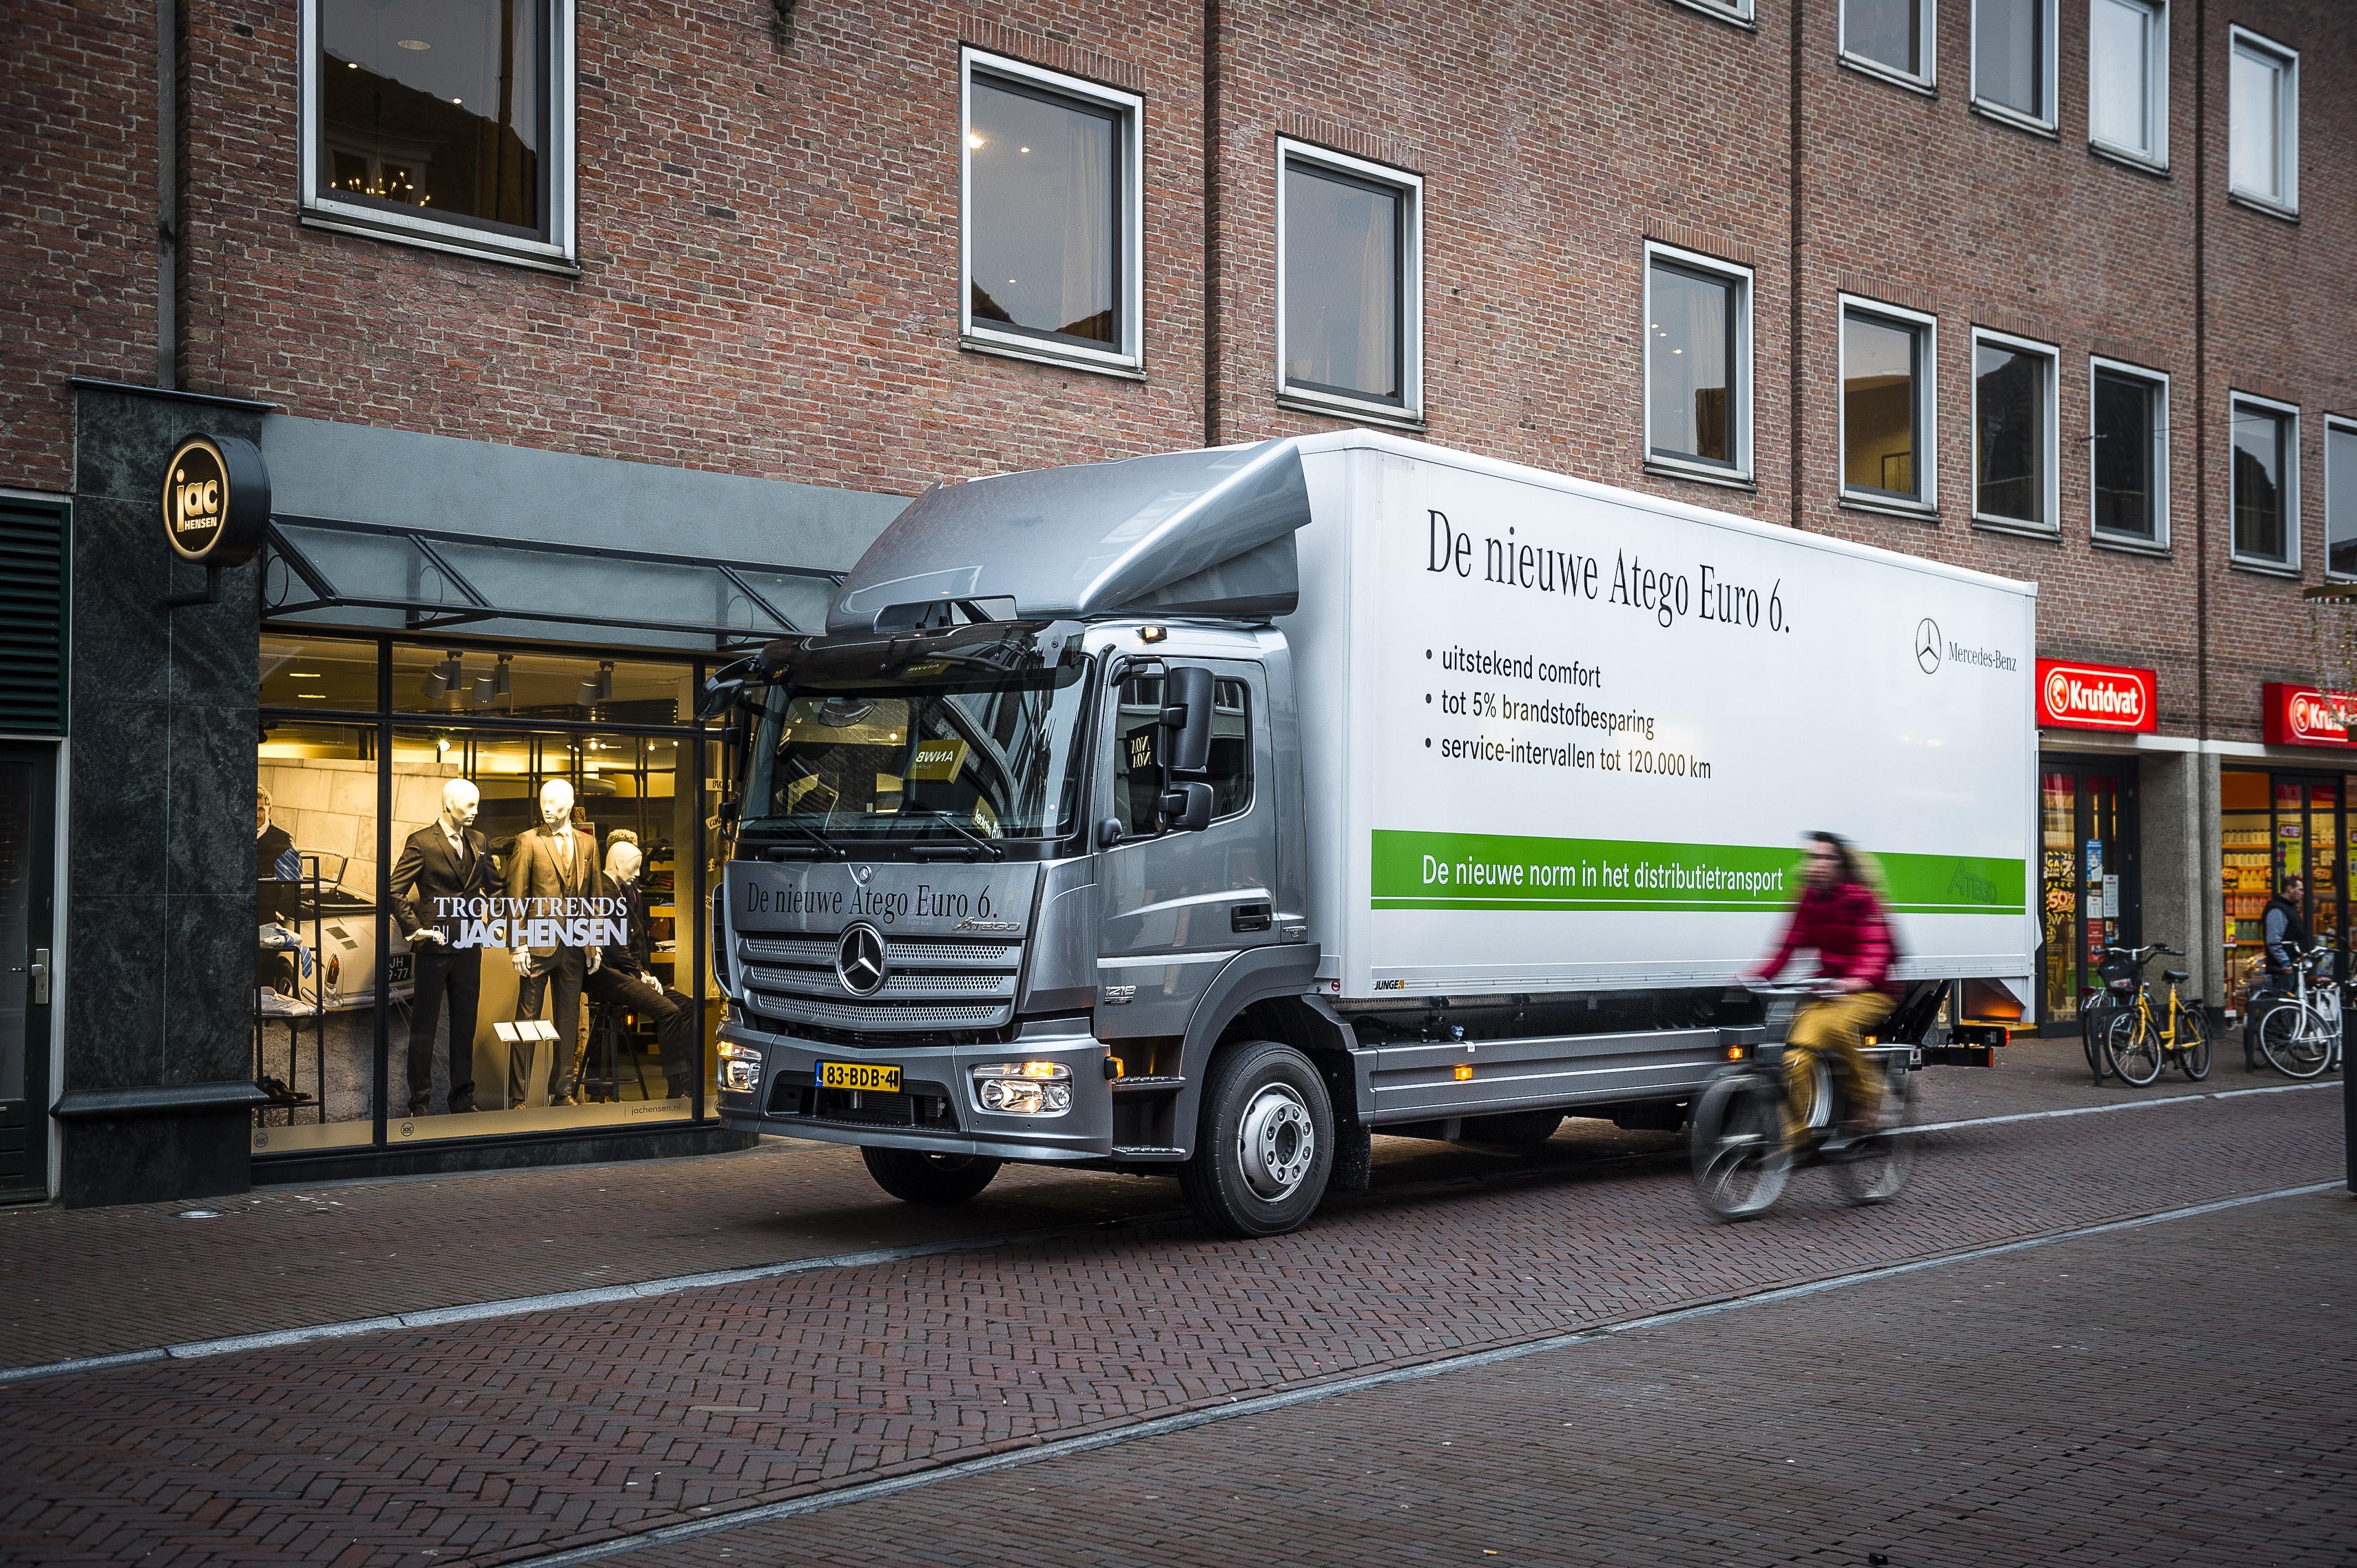 Mercedes Benz Service Charges Of Gratis Vijf Jaar Garantie Op De Aandrijflijn Van De